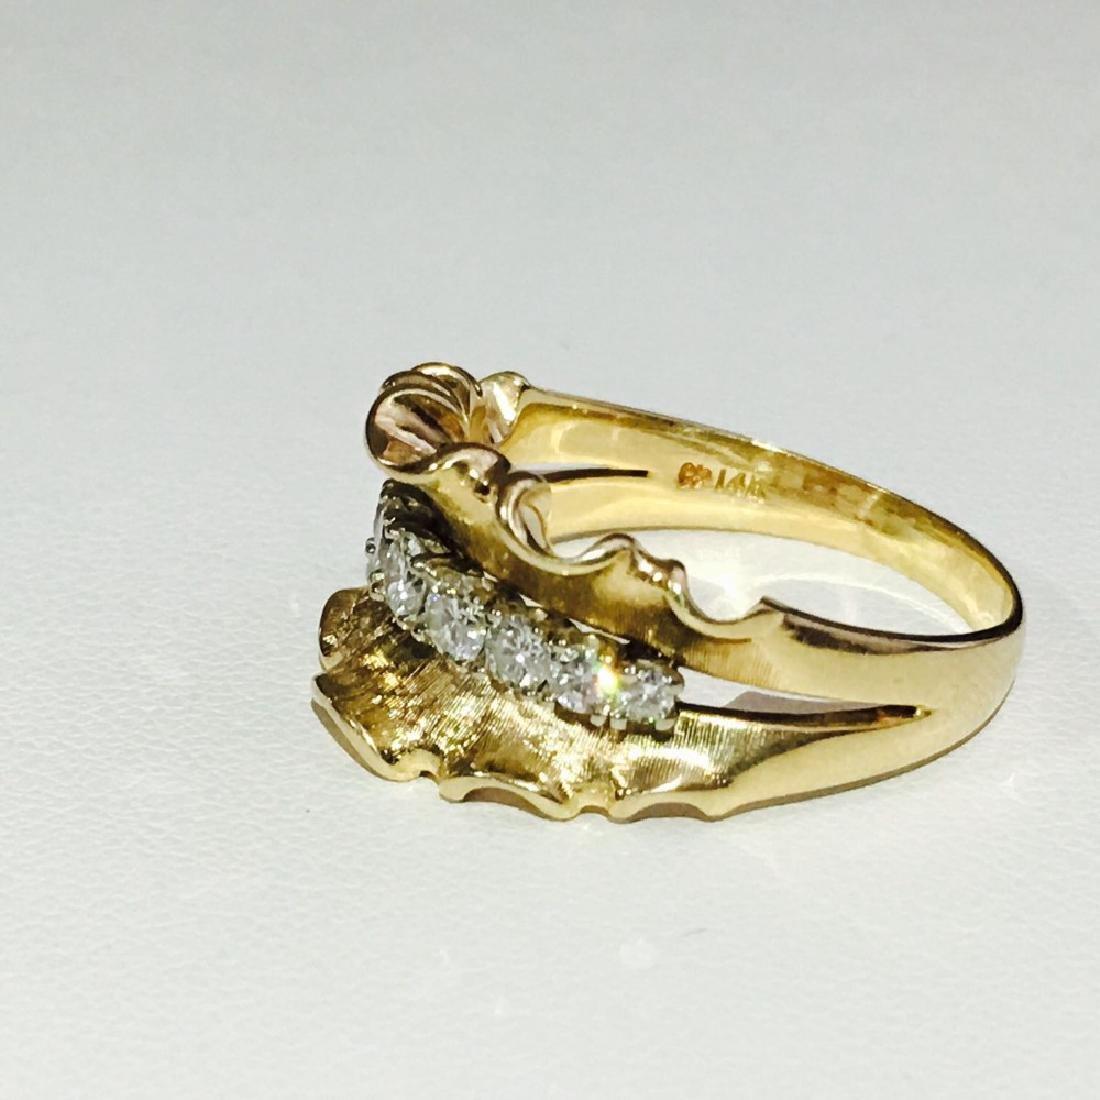 14K Yellow Gold, 1.10 Carat VINTAGE White Diamond Ring. - 2